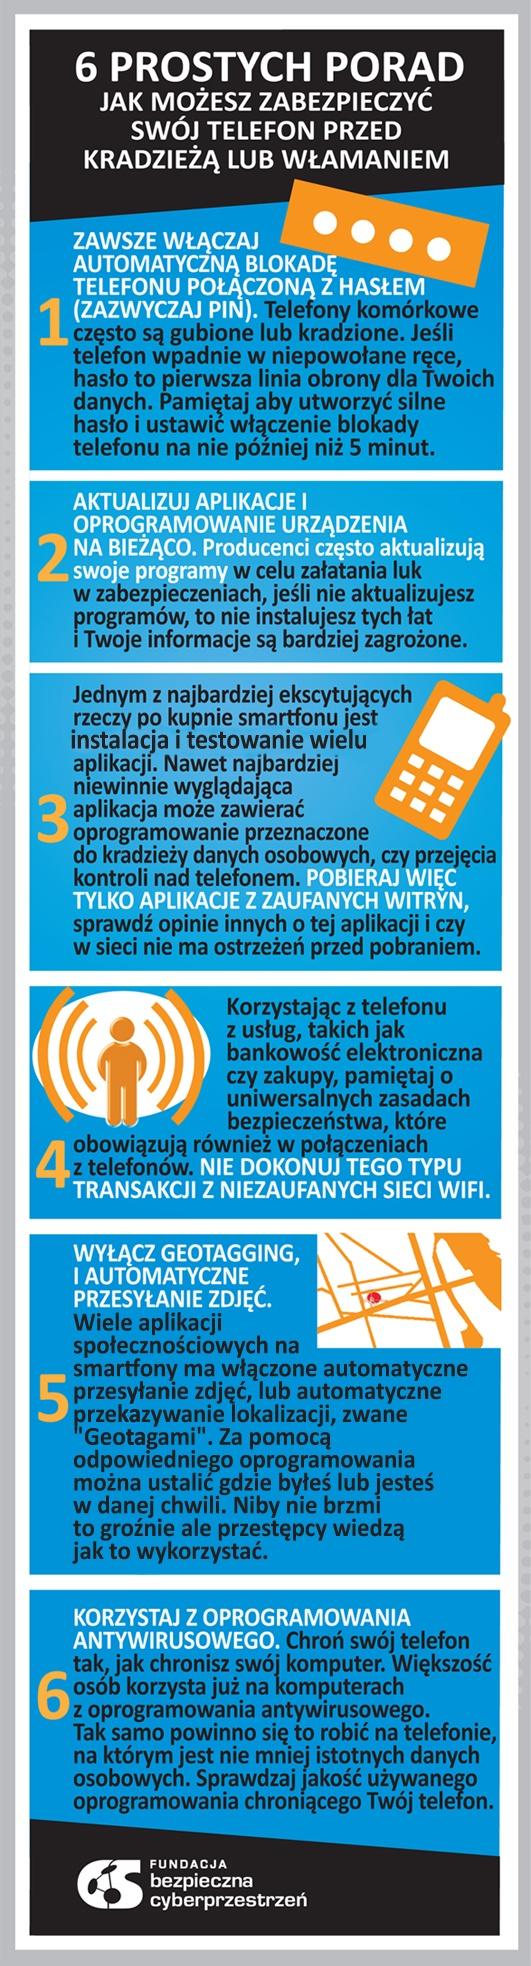 6 PROSTYCH PORAD JAK MOŻESZ ZABEZPIECZYĆ SWÓJ TELEFON PRZED KRADZIEŻĄ LUB WŁAMANIEM.